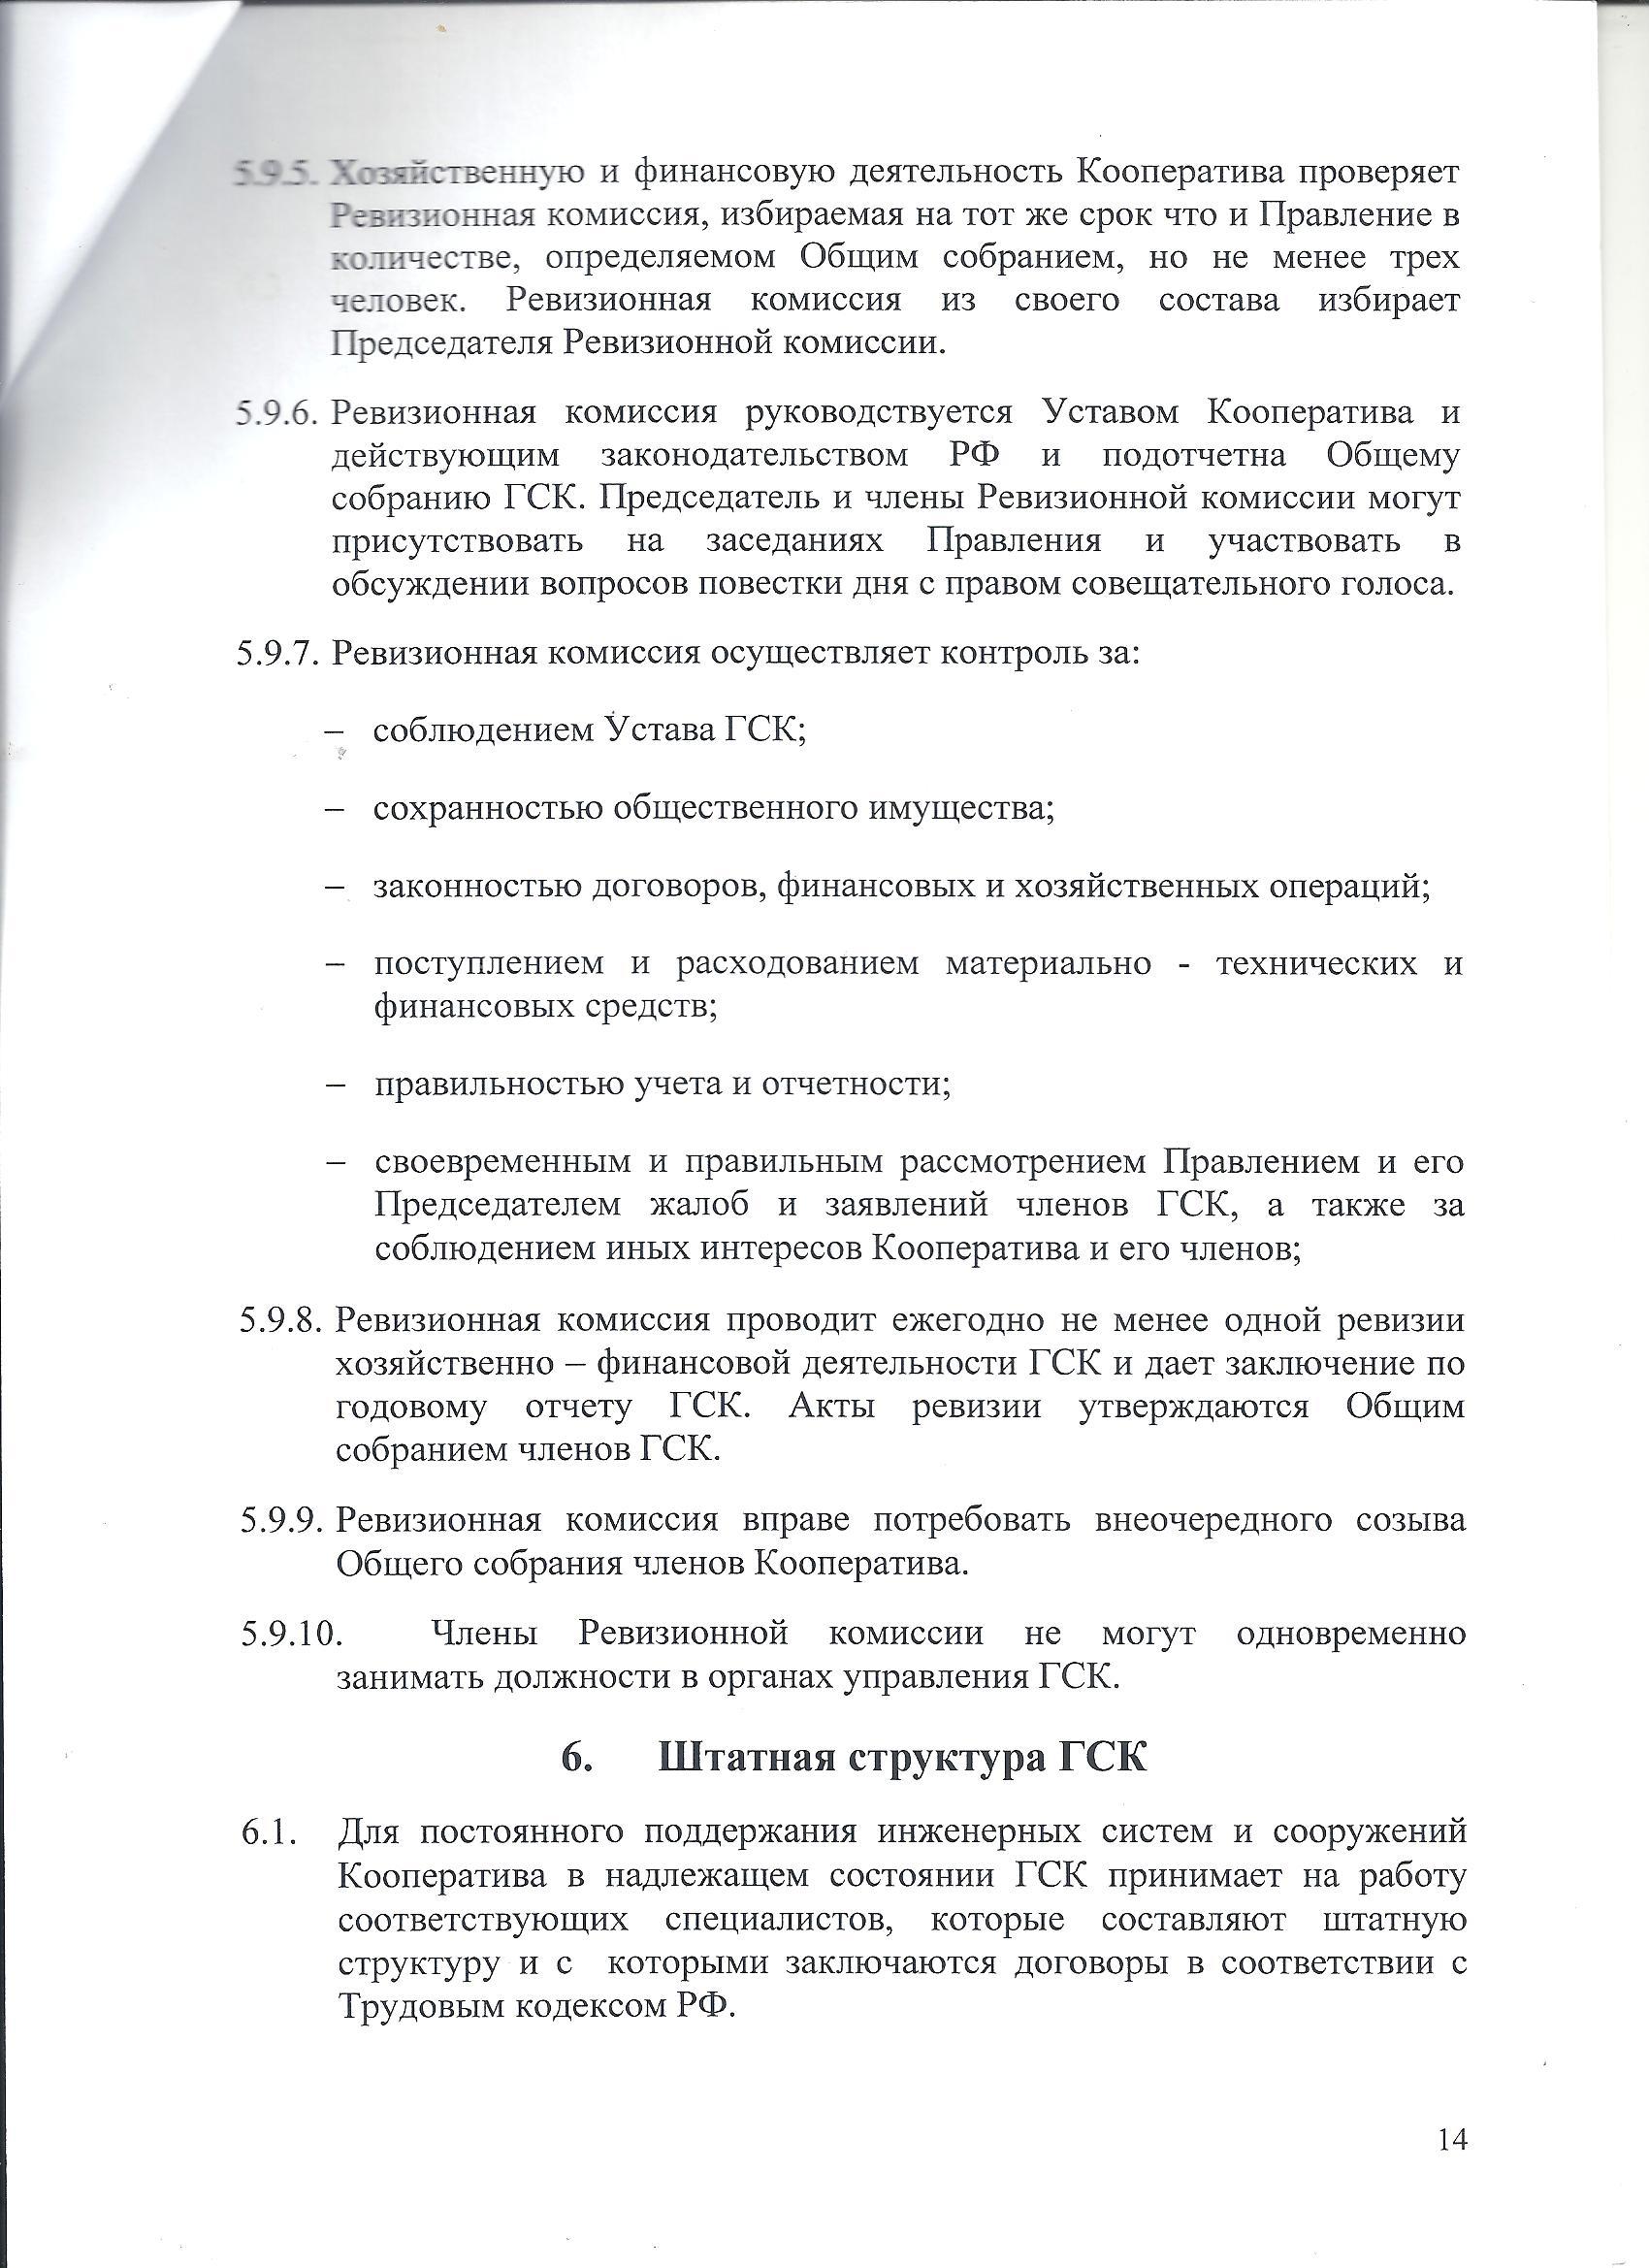 http://forumupload.ru/uploads/0018/e6/9c/2/160484.jpg